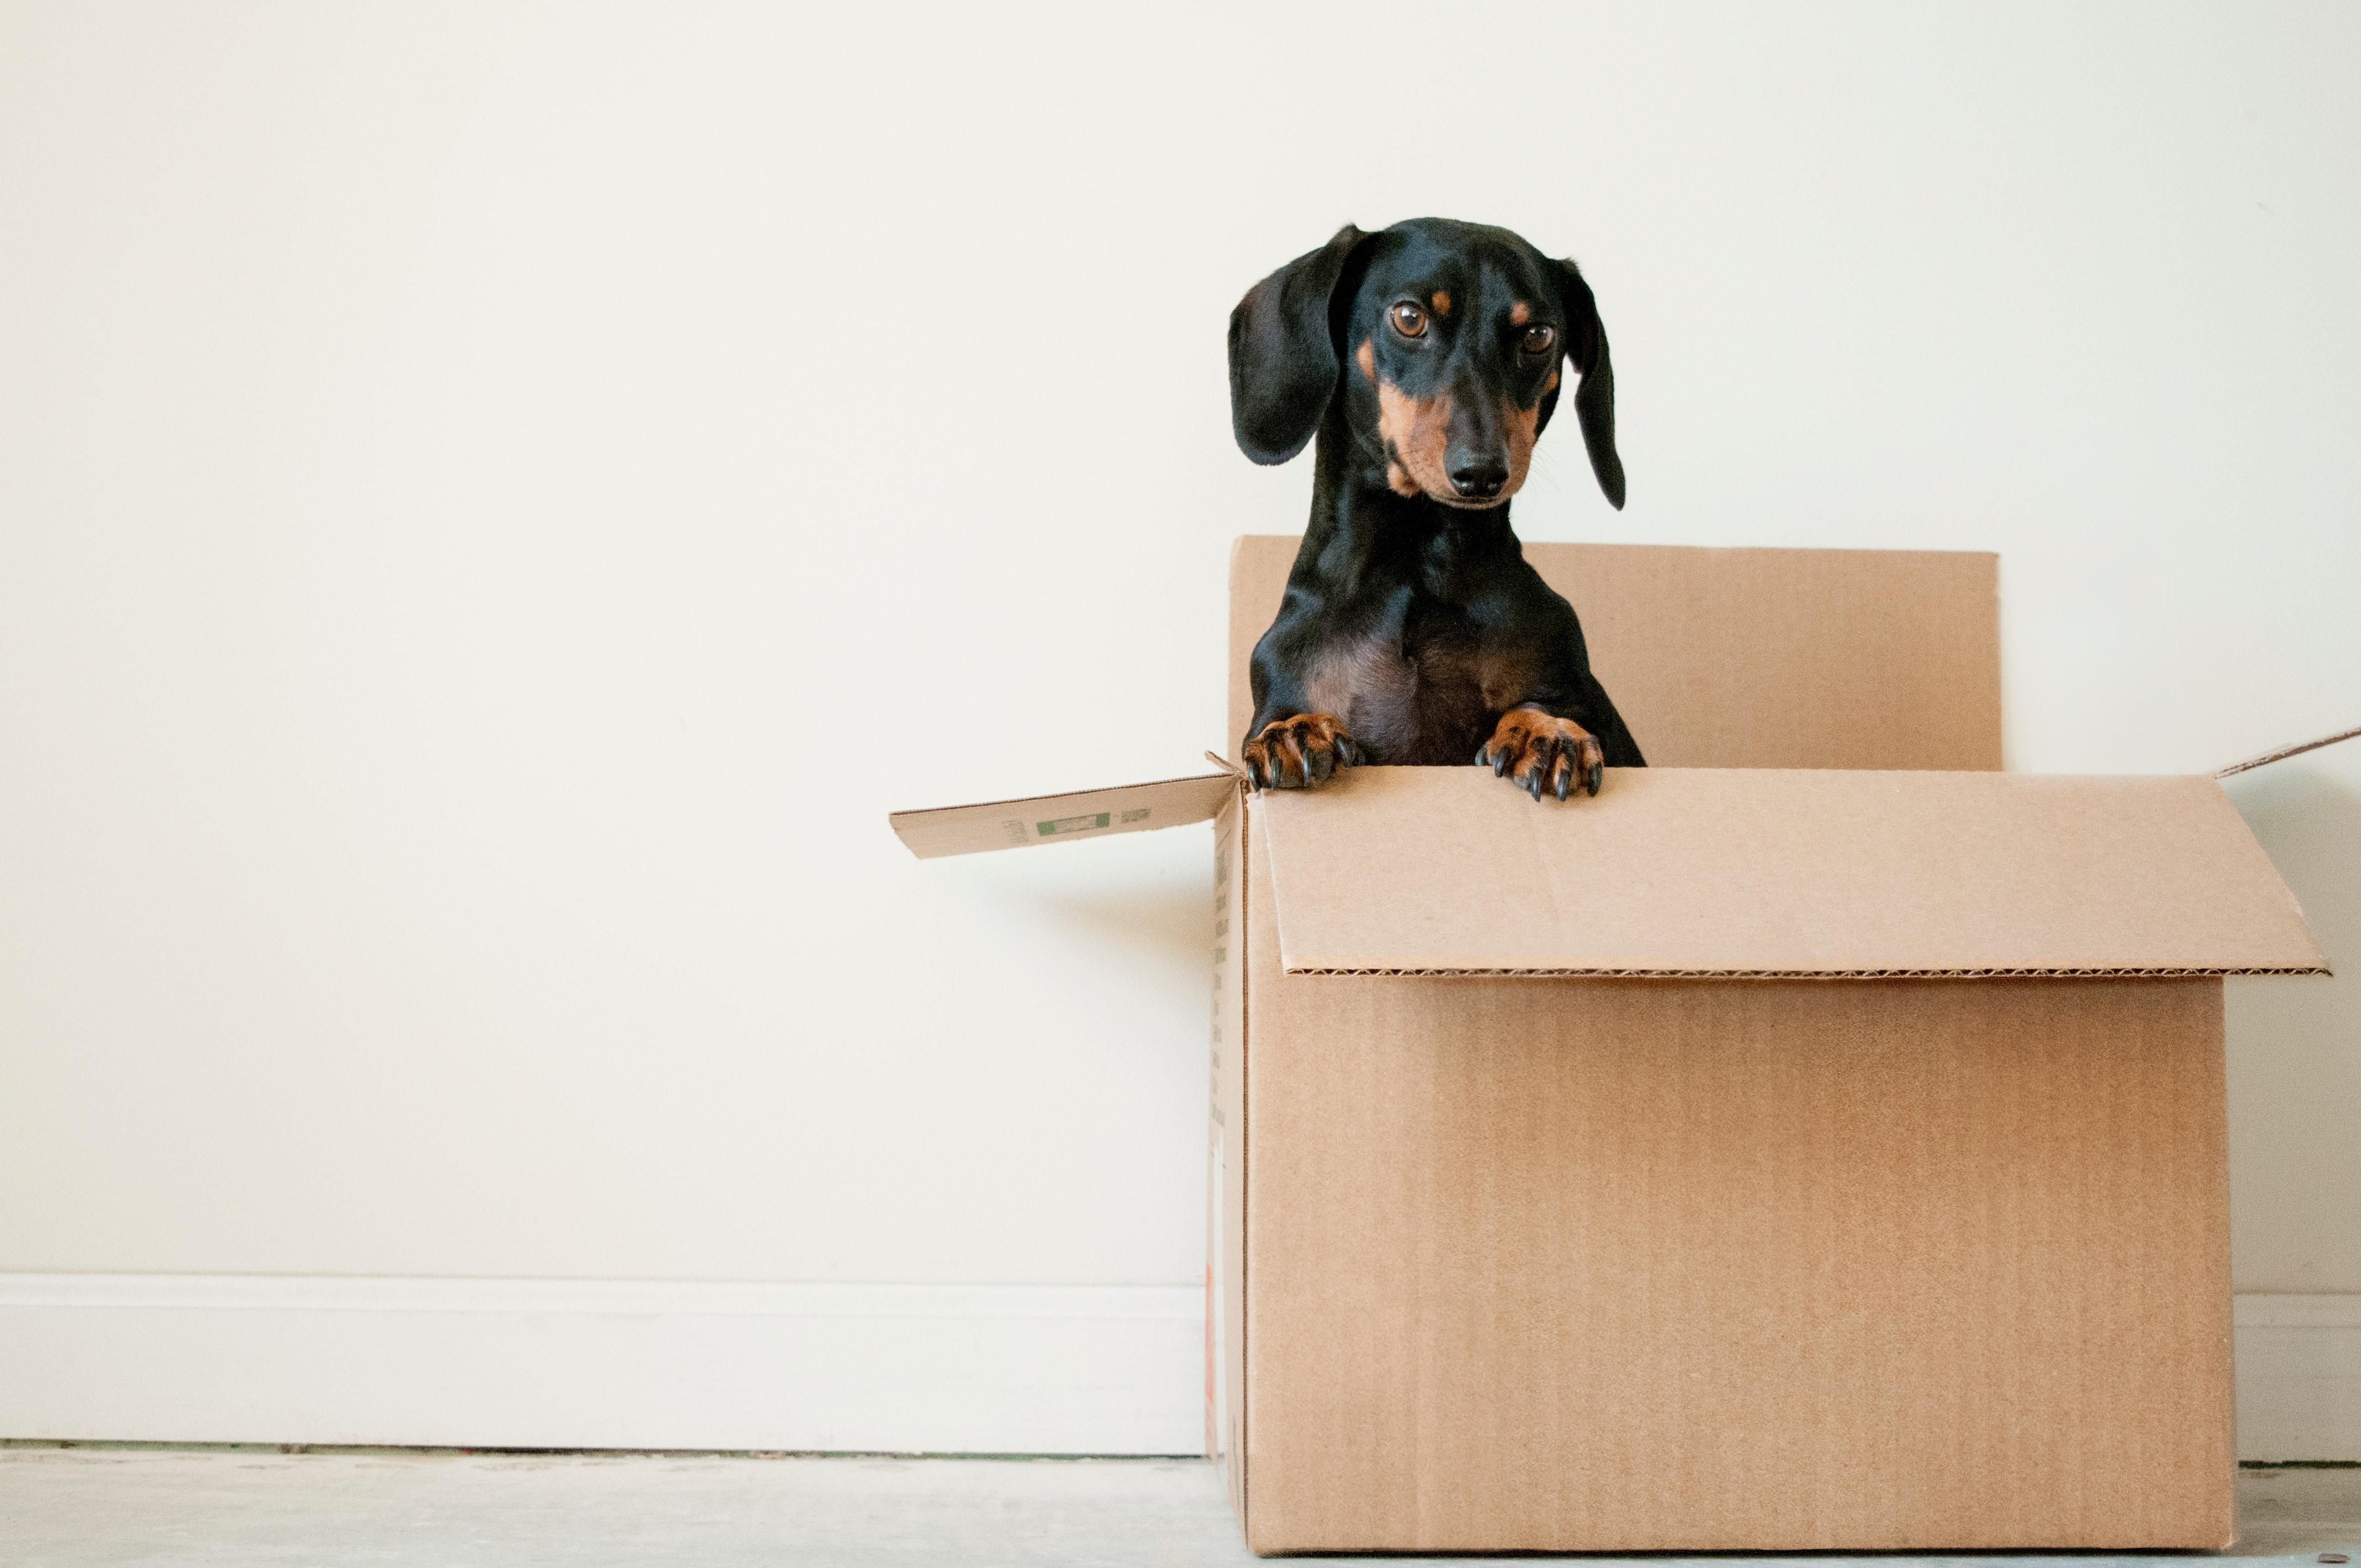 5 anledningar till varför alla hundar älskar Rockybox